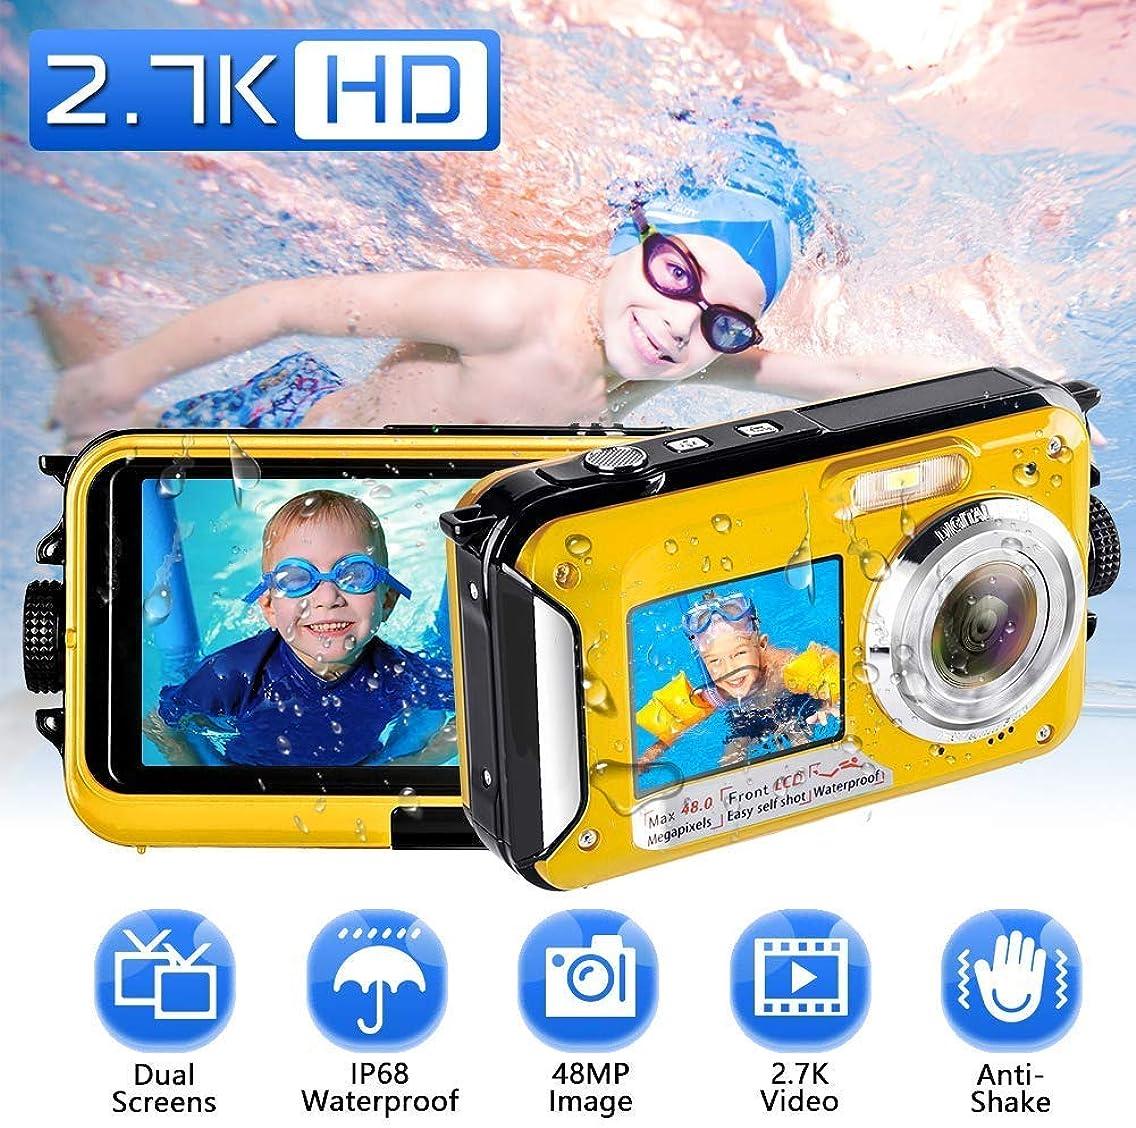 覚醒時間どんよりした防水カメラ デジカメ 防水 水中カメラ デジタルカメラ フルHD 2.7K 48.0MP スポーツカメラデュアルスクリーン オートフォーカス デジカメ 水に浮く